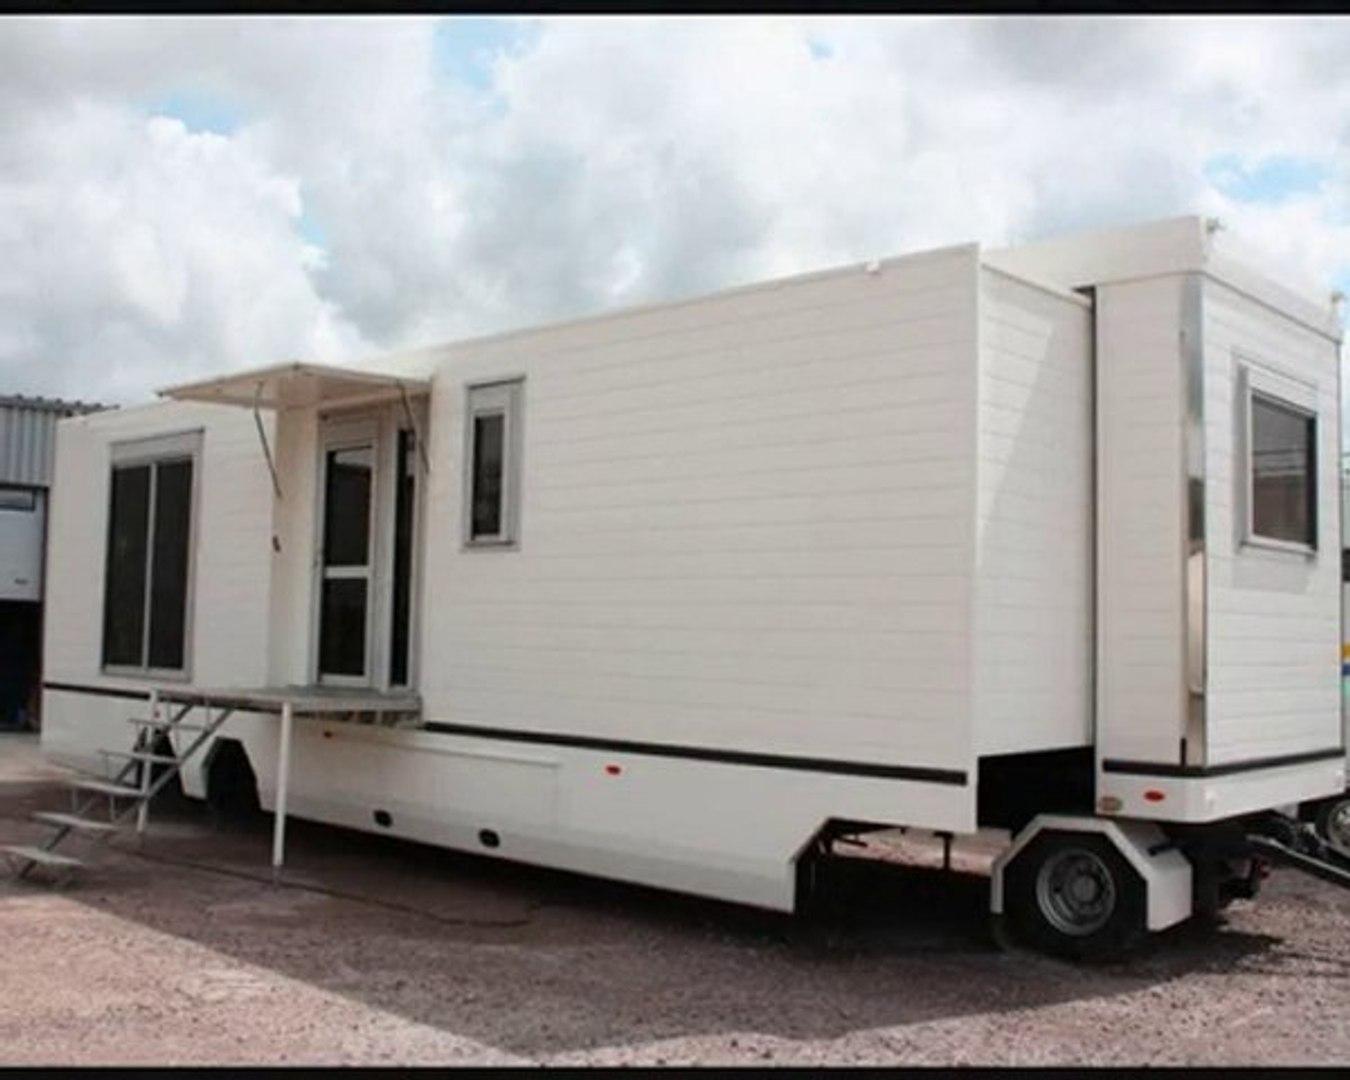 Les Plus Belles Caravanes De Forains semi-remorque aménagée par eddy caravanes